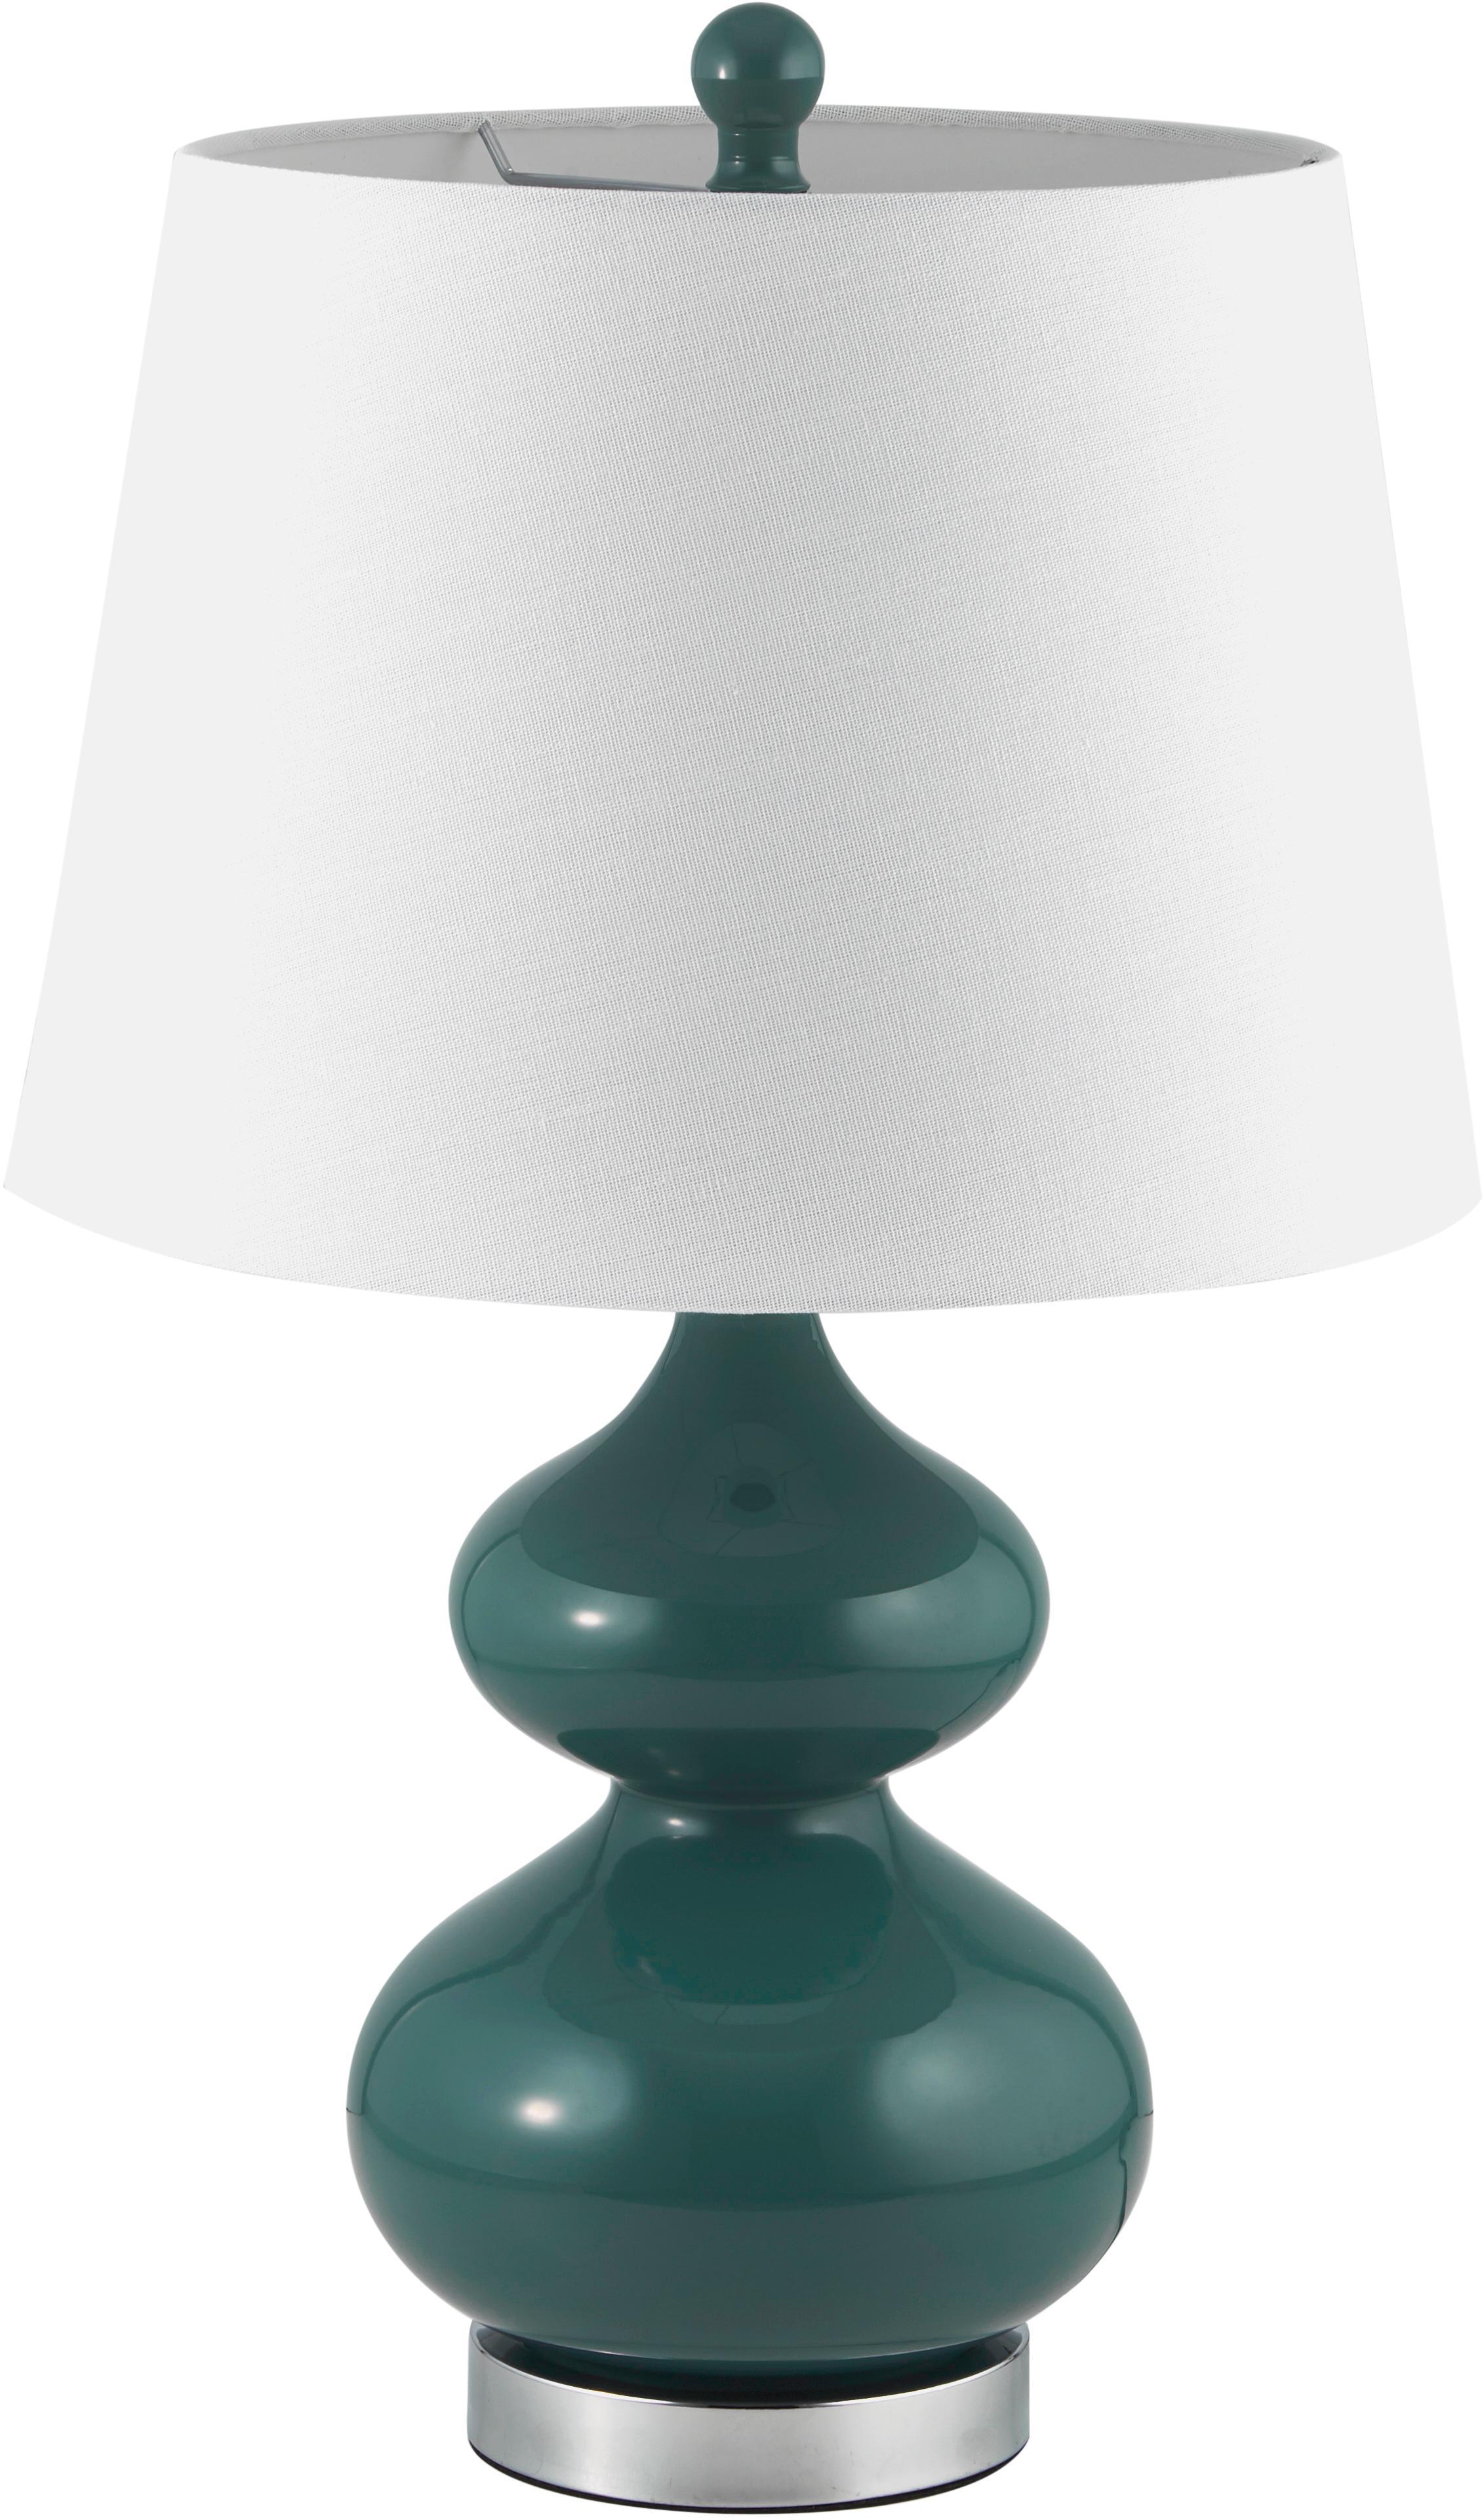 Duża lampa stołowa Felicitas,  2szt., Zielony, Ø 35 x W 58 cm